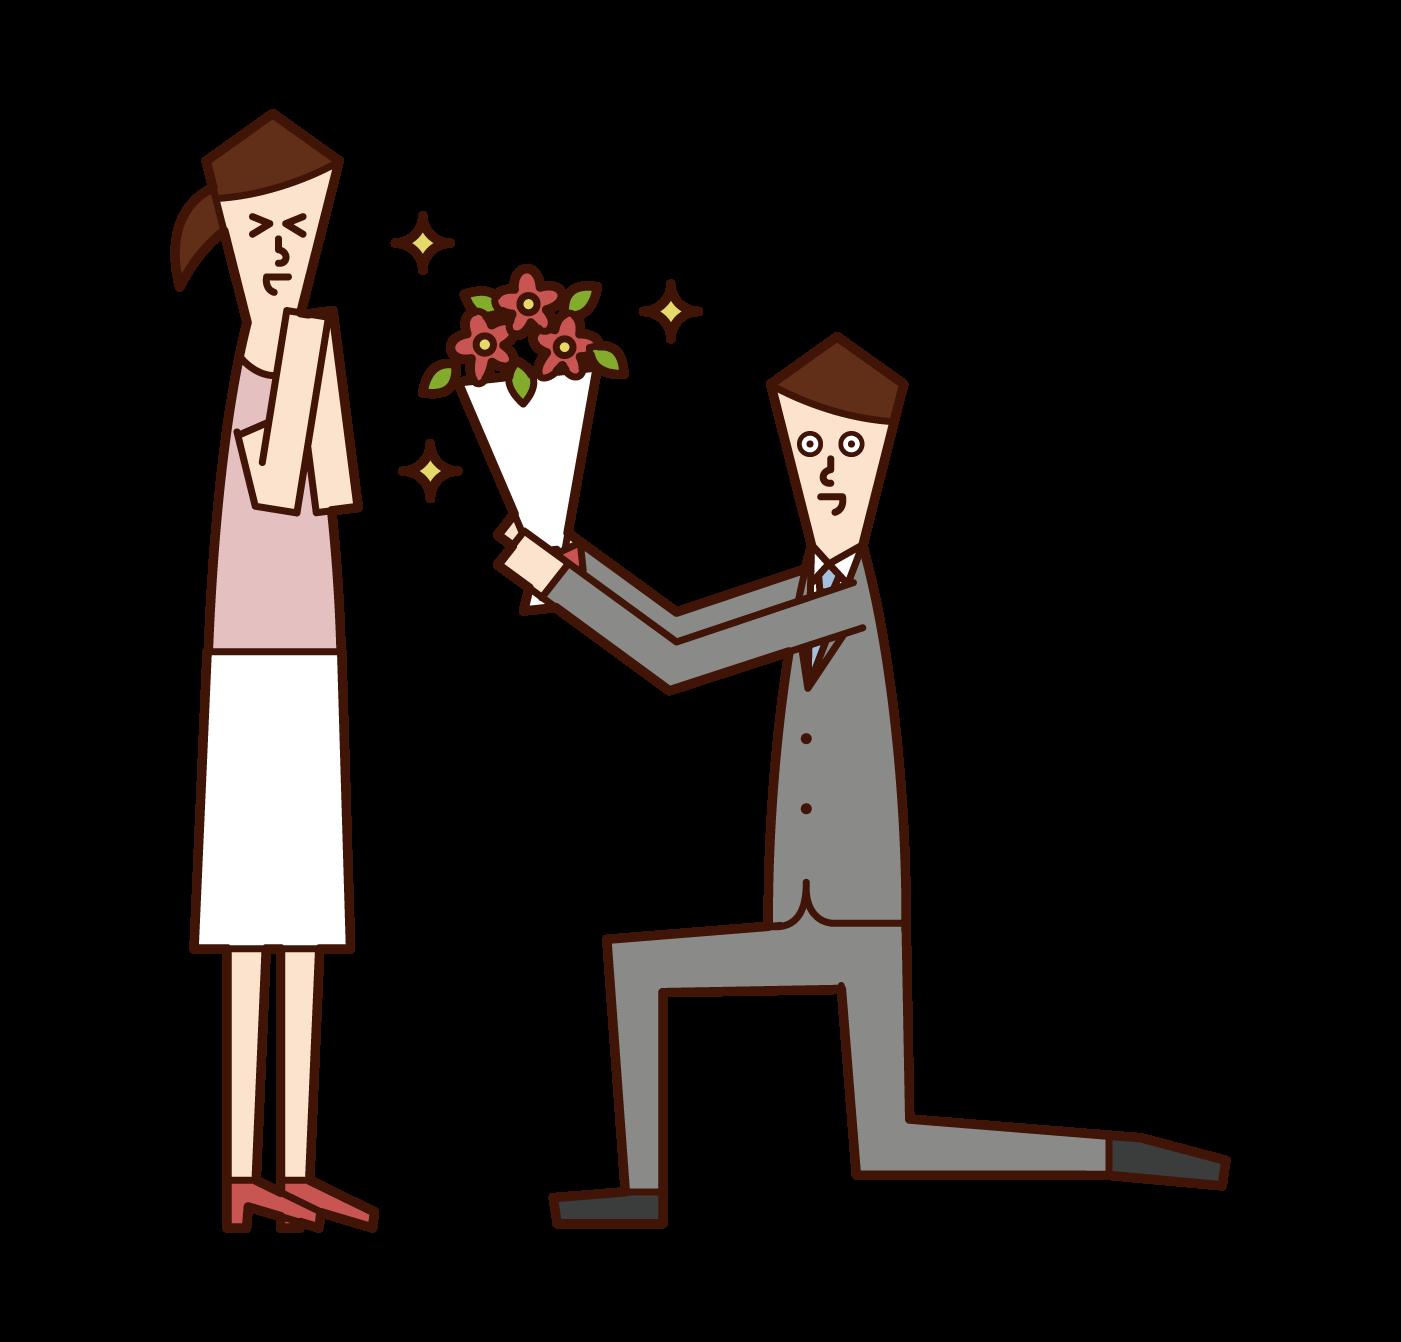 花束を渡してプロポーズする人(男性)のイラスト